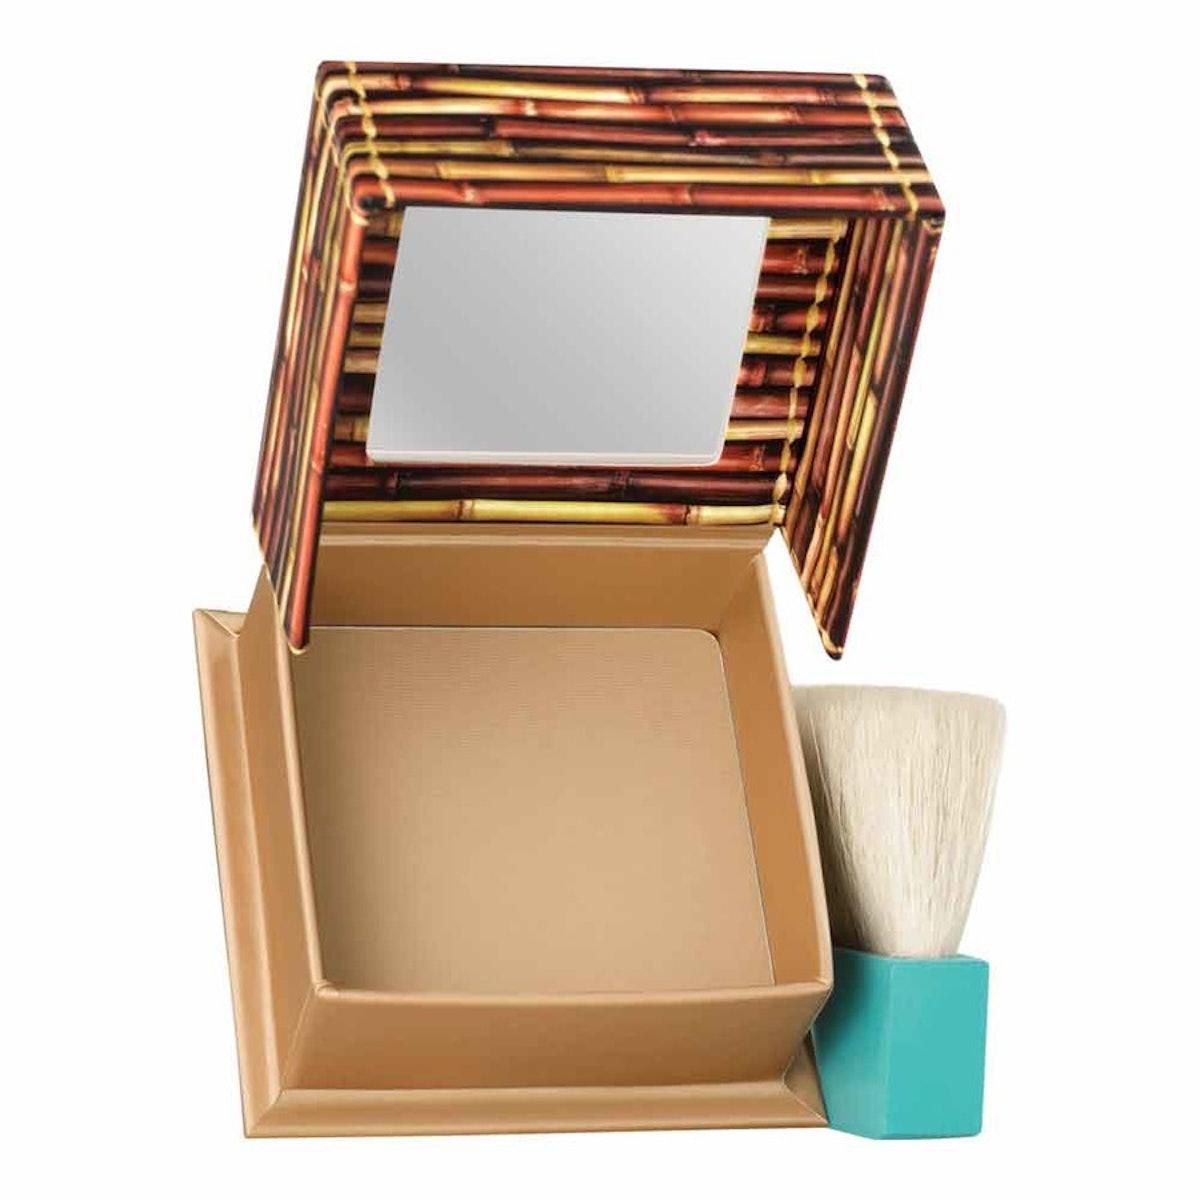 Benefit Cosmetics Hoola Lite Matte Bronzing Powder